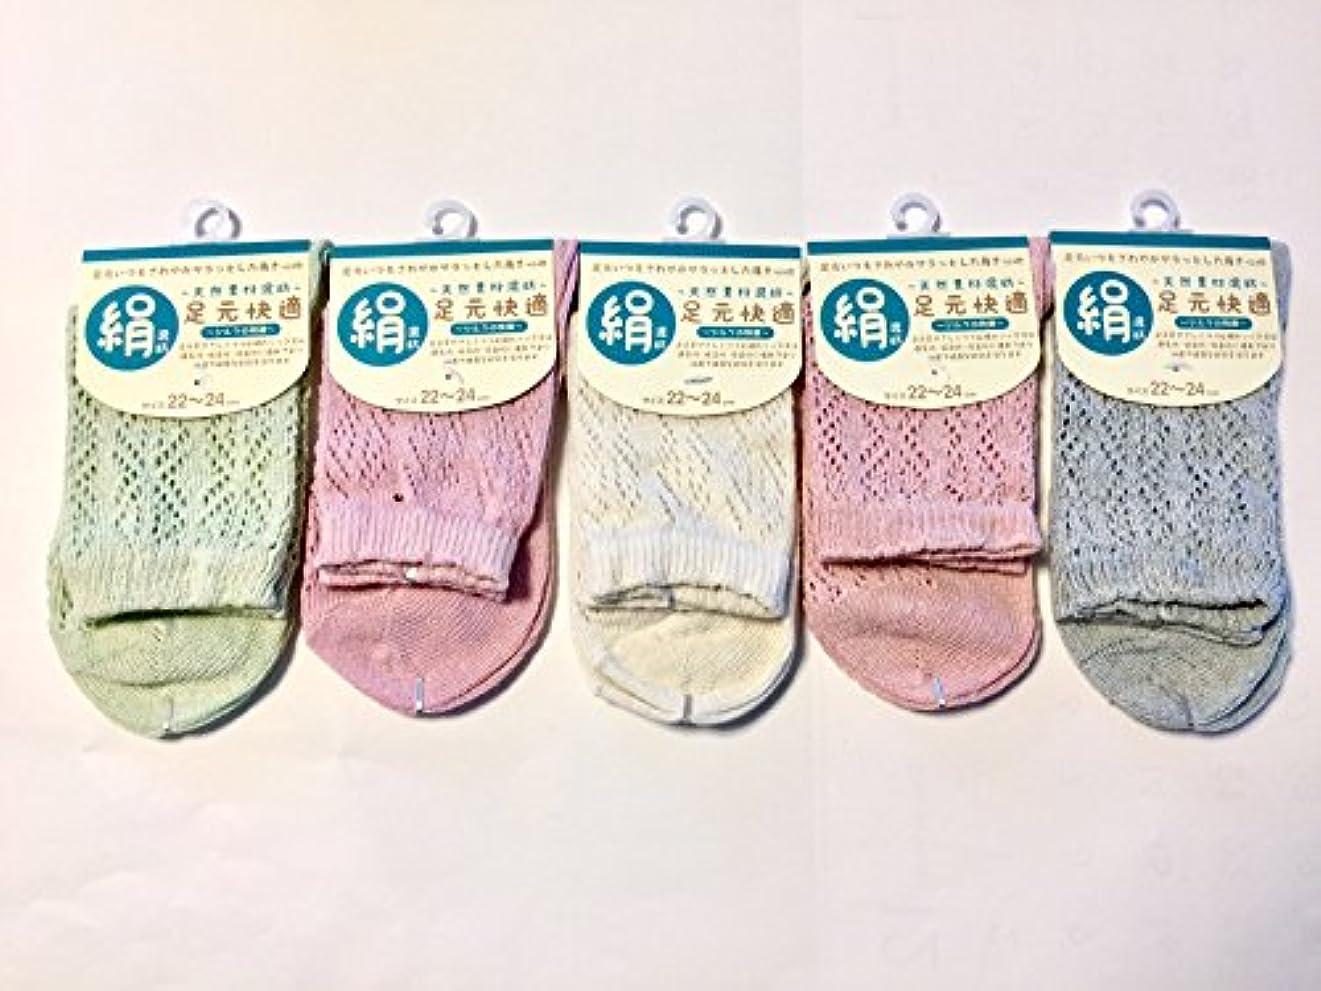 スカープカートン書道靴下 レディース 絹混 涼しいルミーソックス おしゃれ手編み風 5色5足組